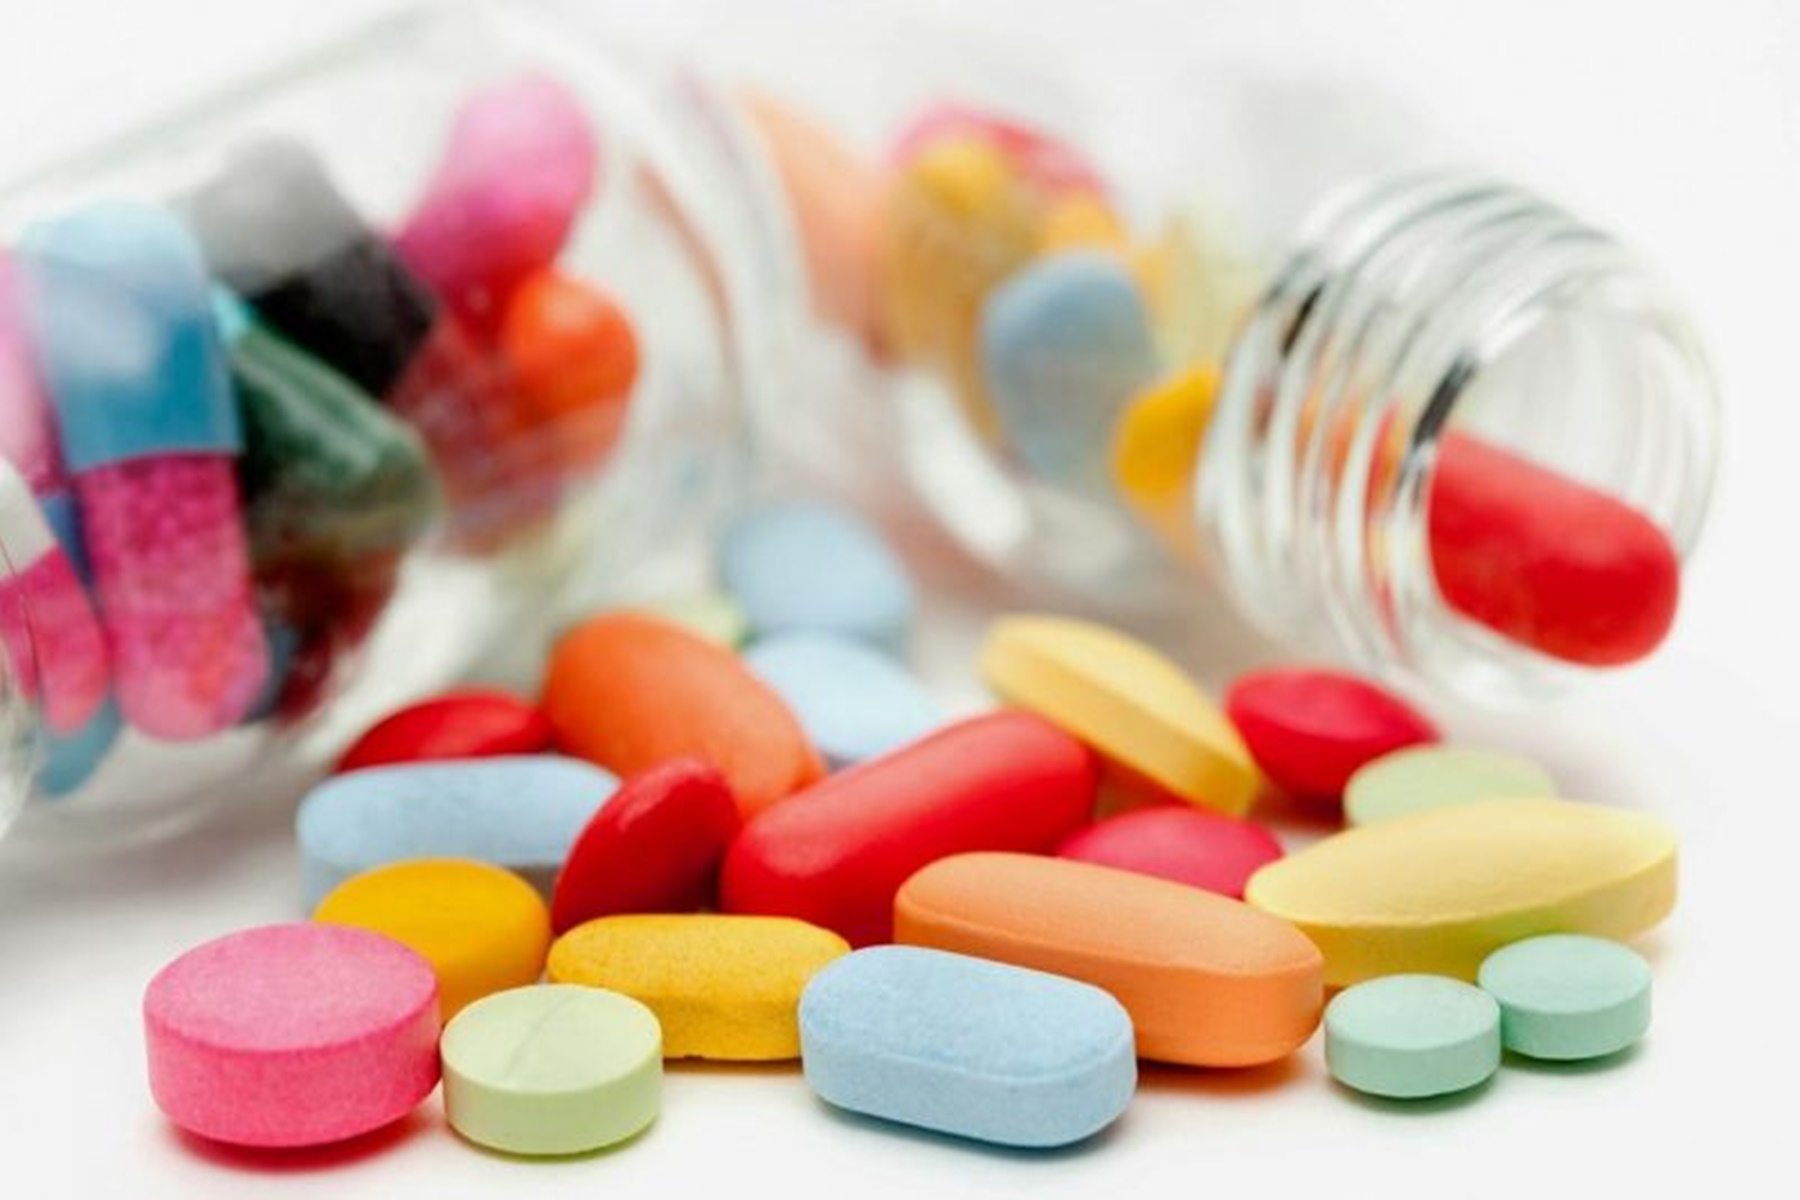 Αιματολογικά φάρμακα : Κυκλοφορούν στην χώρα μας τα πρώτα γενόσημα